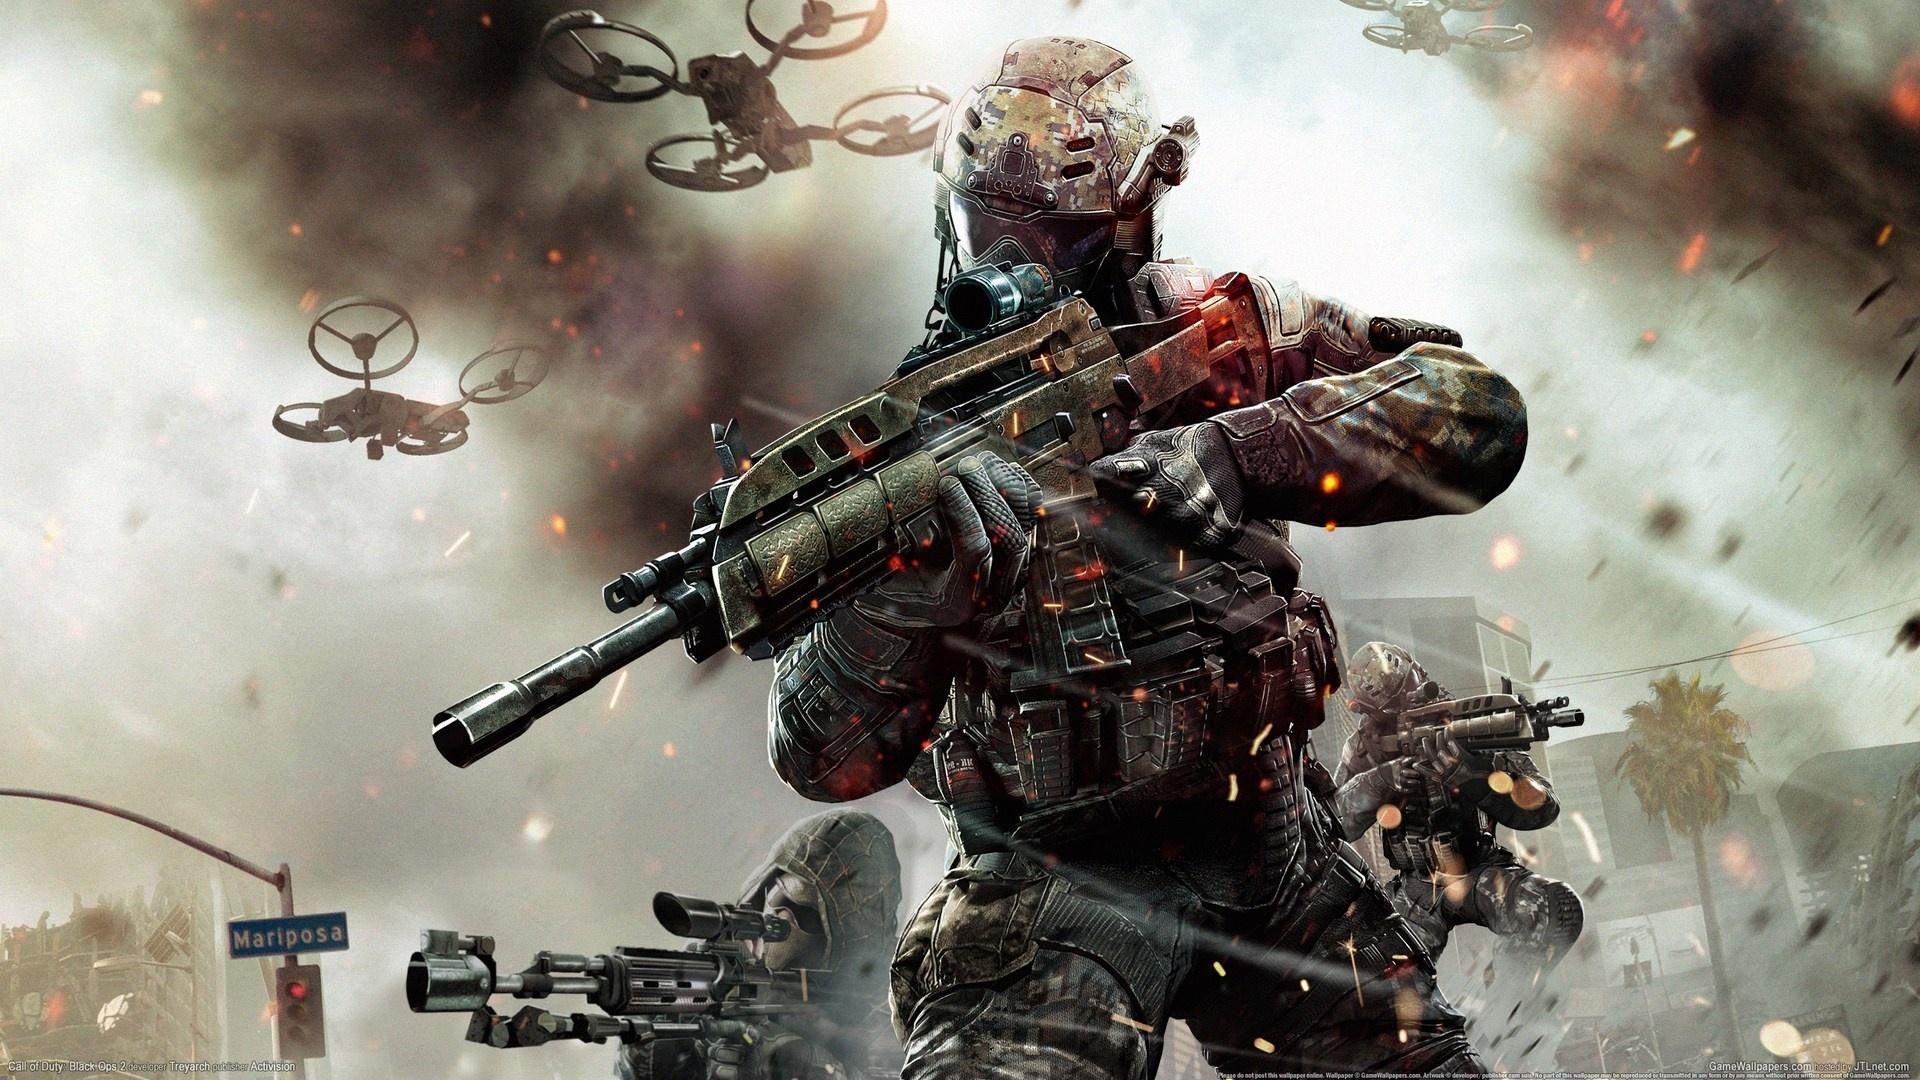 Call Of Duty: Black Ops 2 PC-Spiel 1920x1080 Full HD 2K